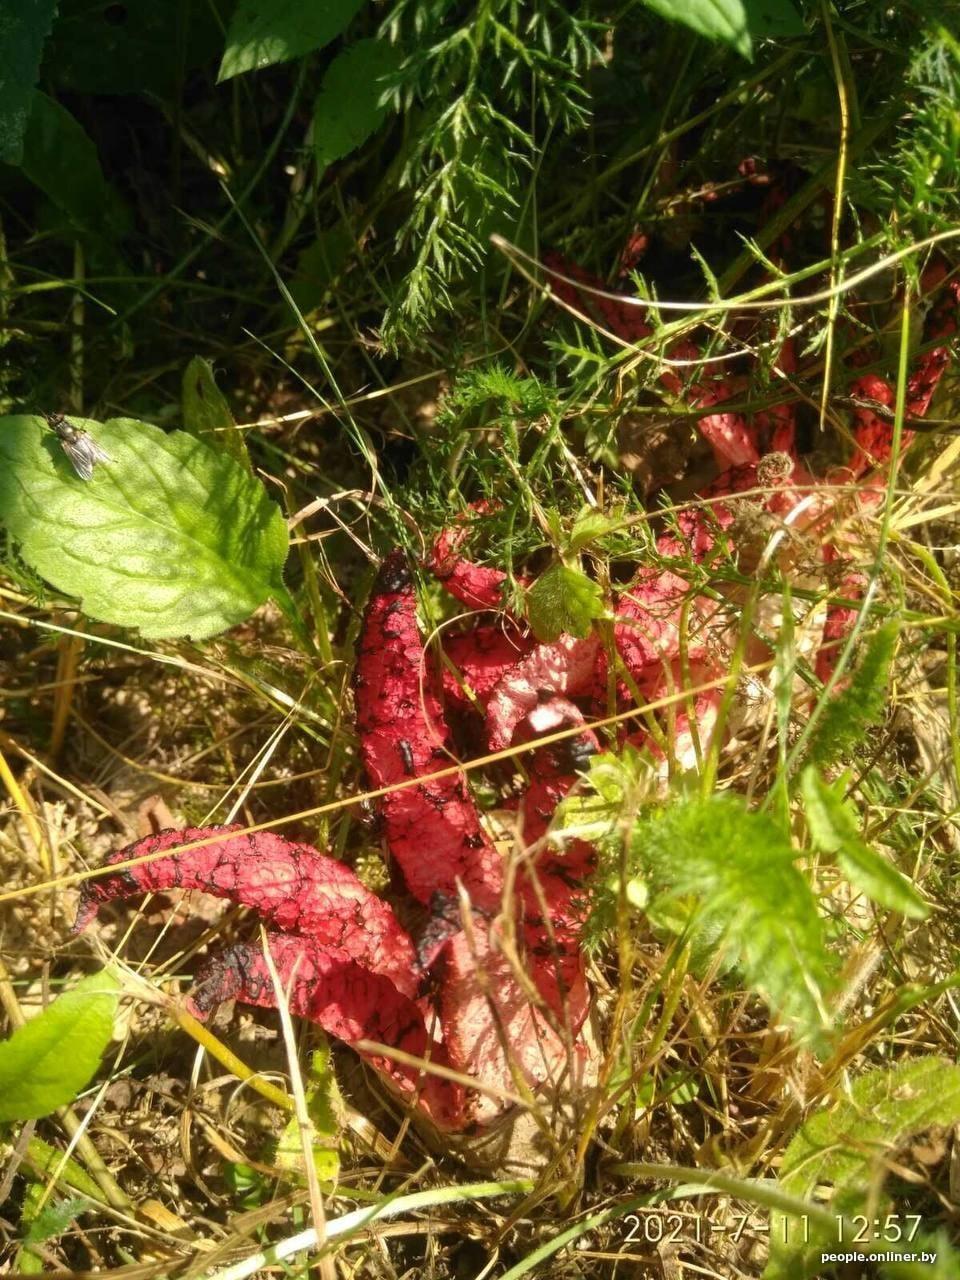 «Жуткий запах, будто в огороде умерла кошка или собака». В Беларуси впервые нашли очень редкий гриб — «пальцы дьявола»